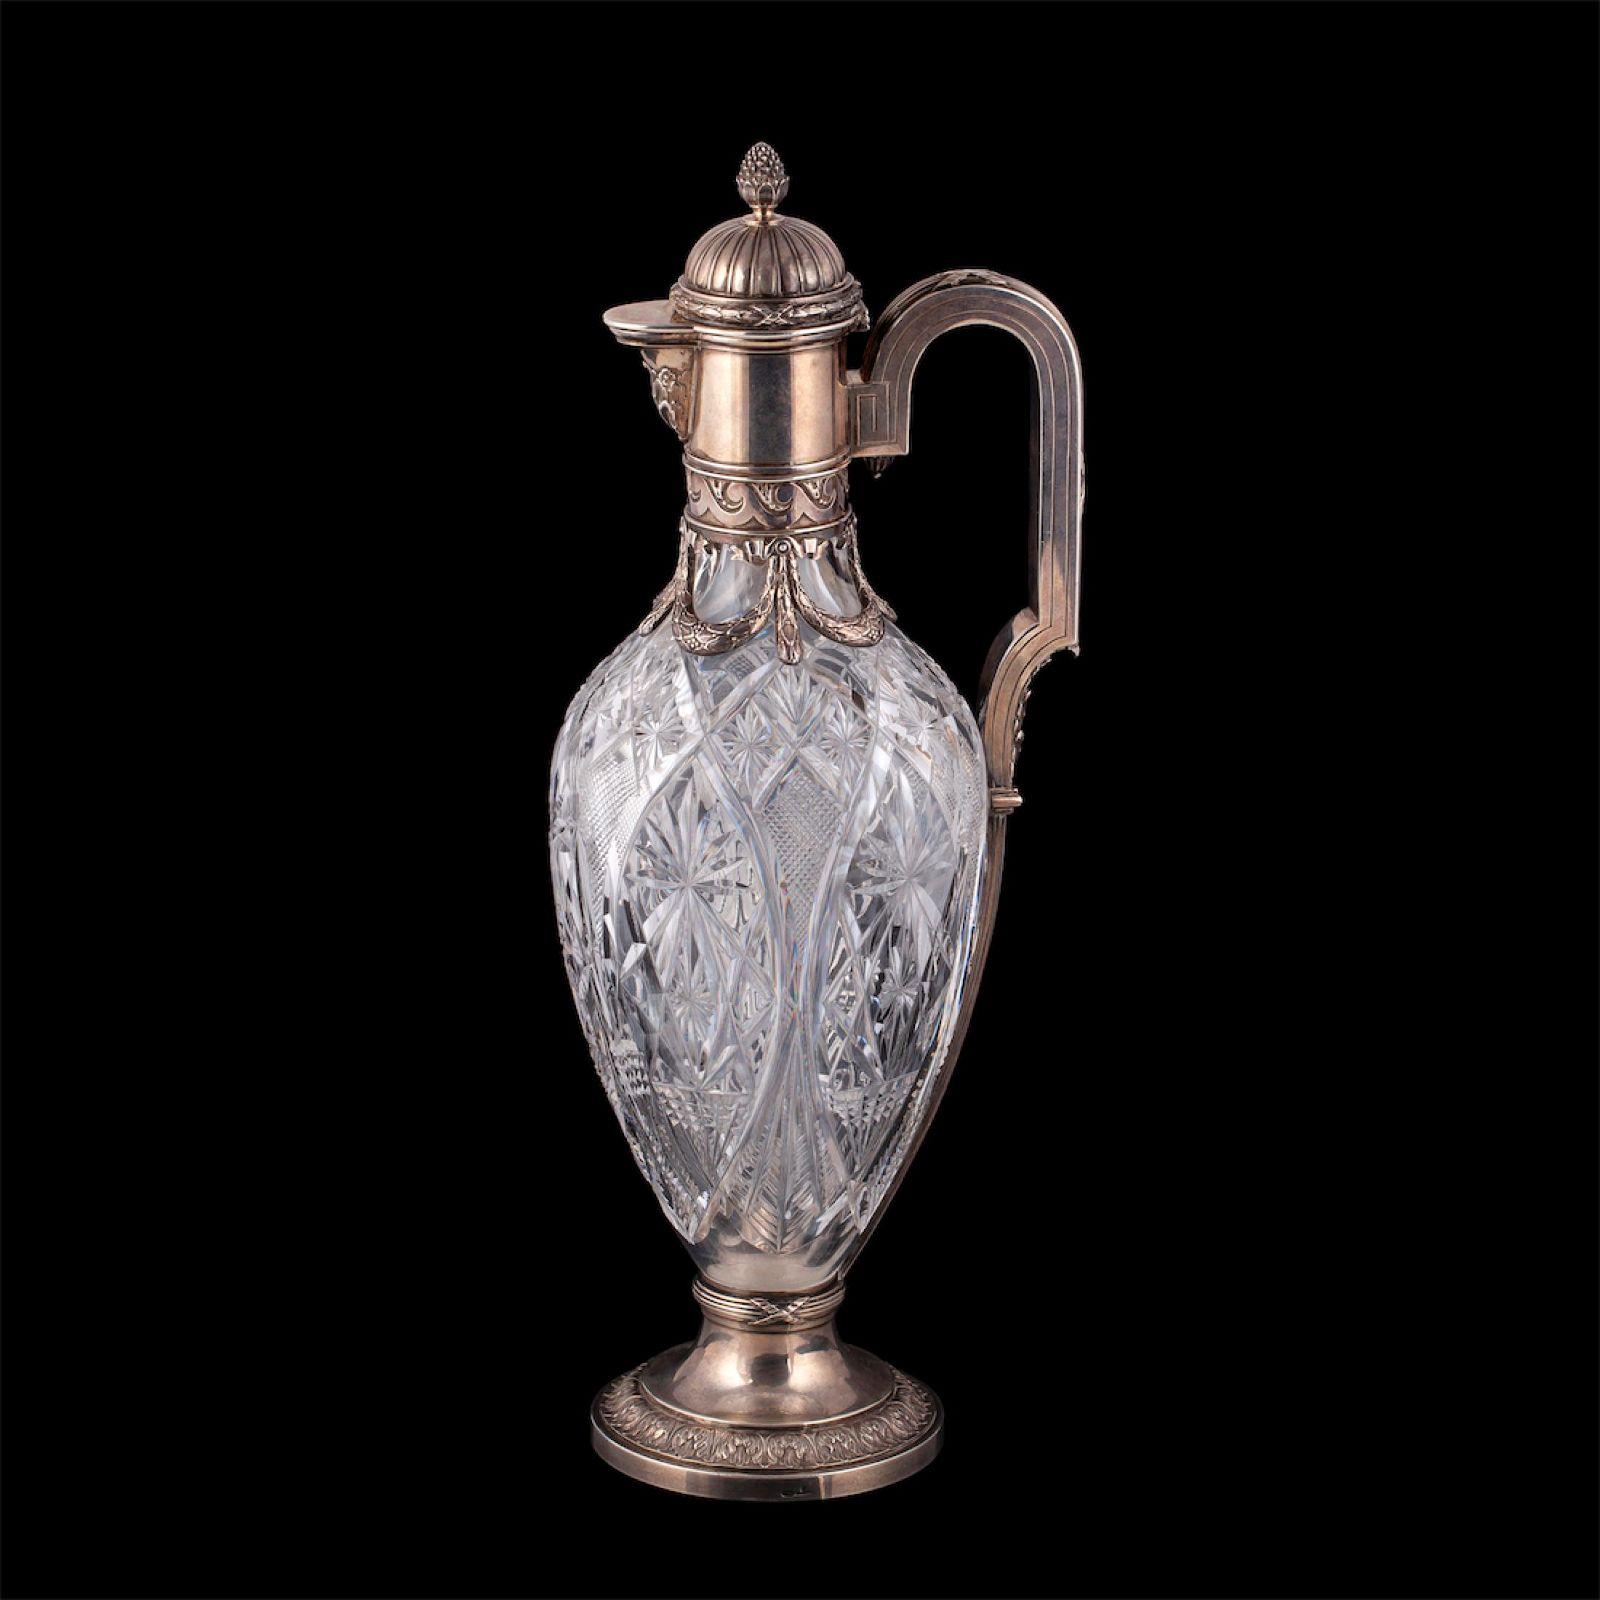 A massive Faberge Neoclassicist decanter